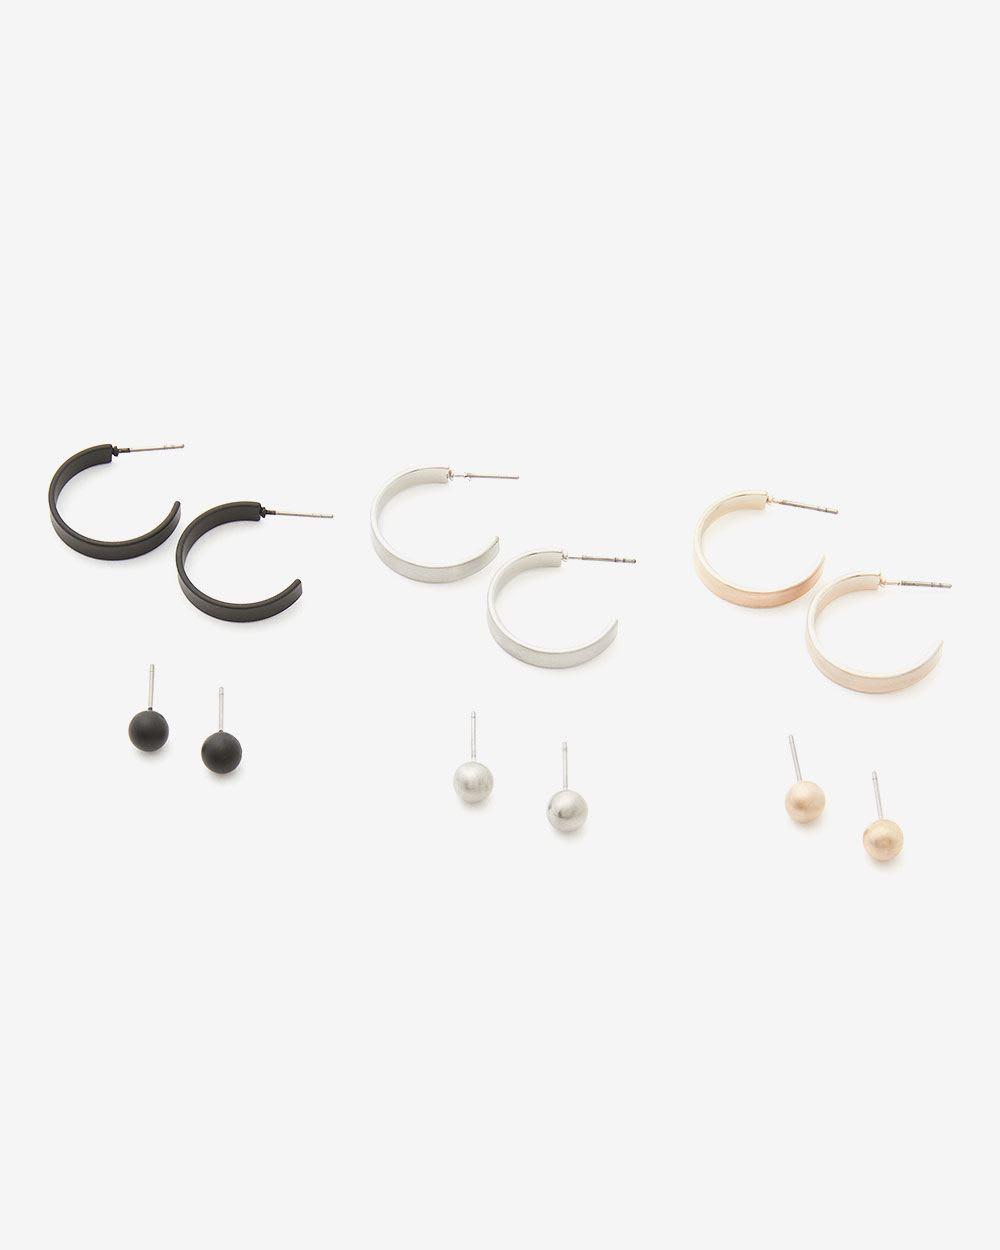 Ensemble de 6 paires de boucles d'oreilles variées